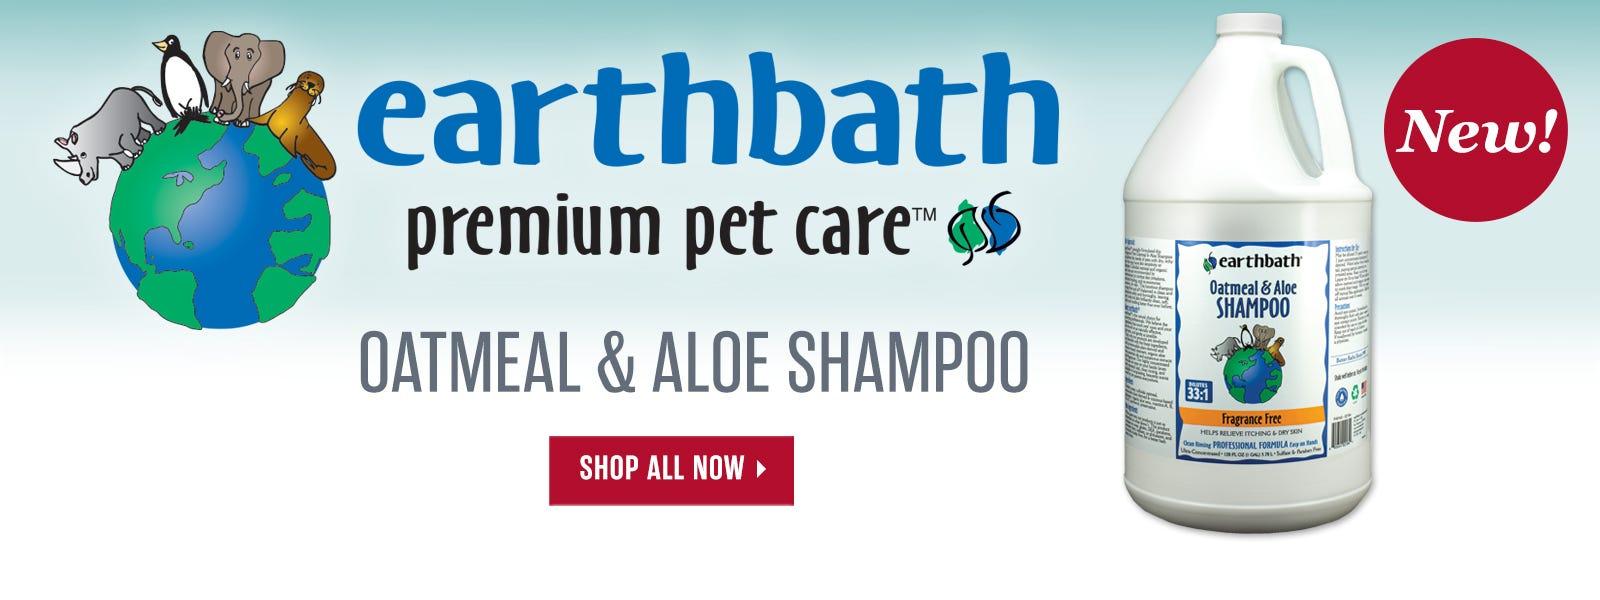 New Earthbath Oatmeal & Aloe